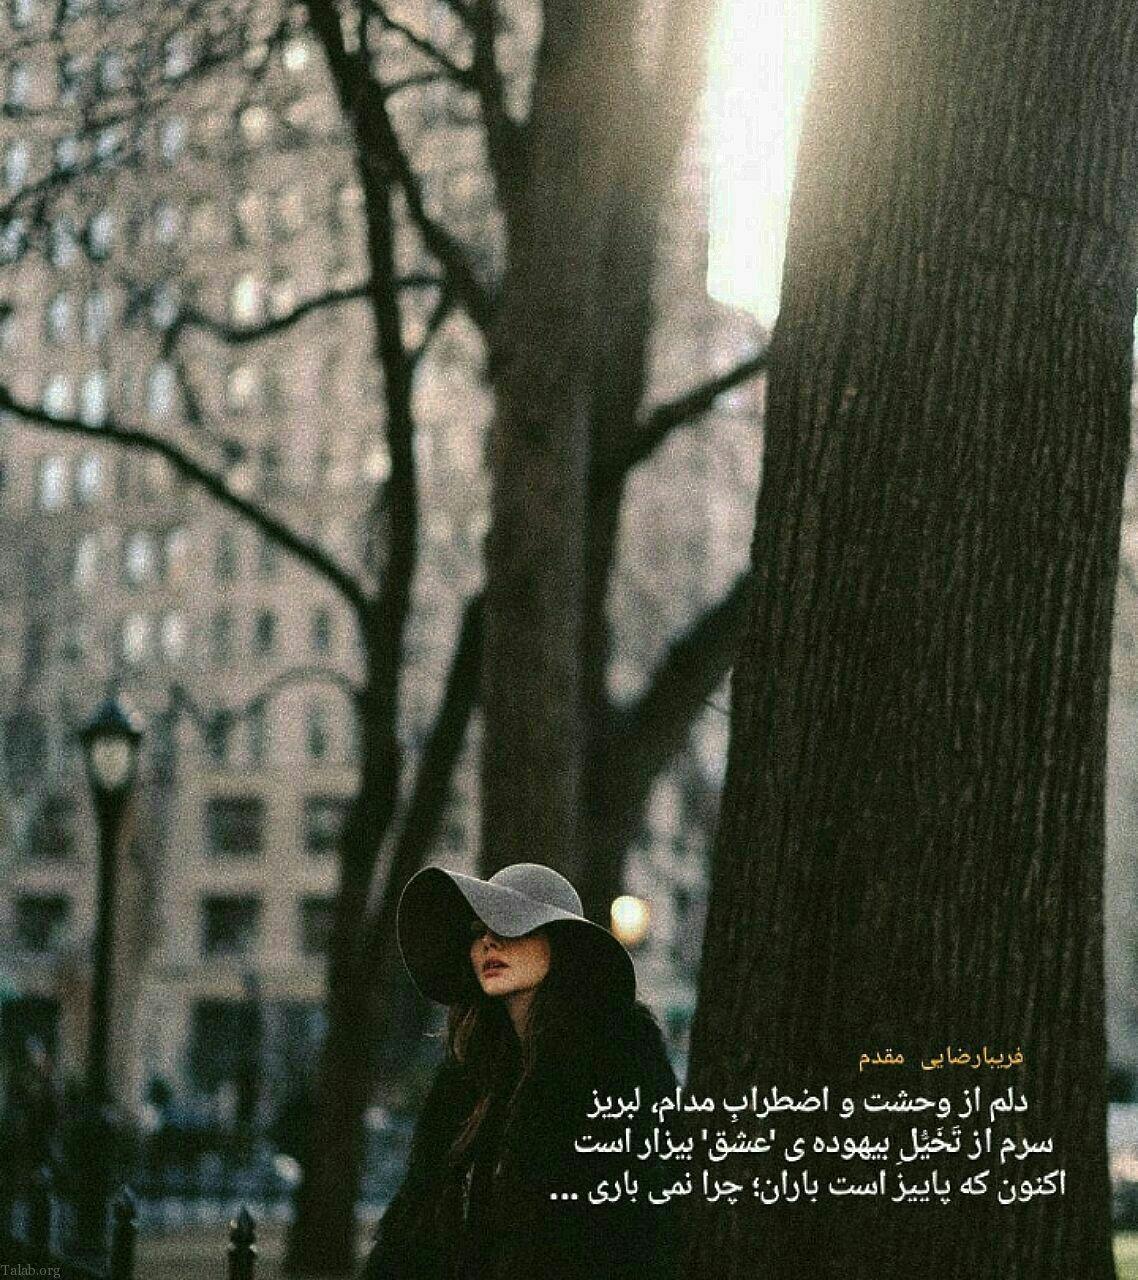 می عاشقانه زبان عشق » نوشته و عکس پروفایل عاشقانه پاییز